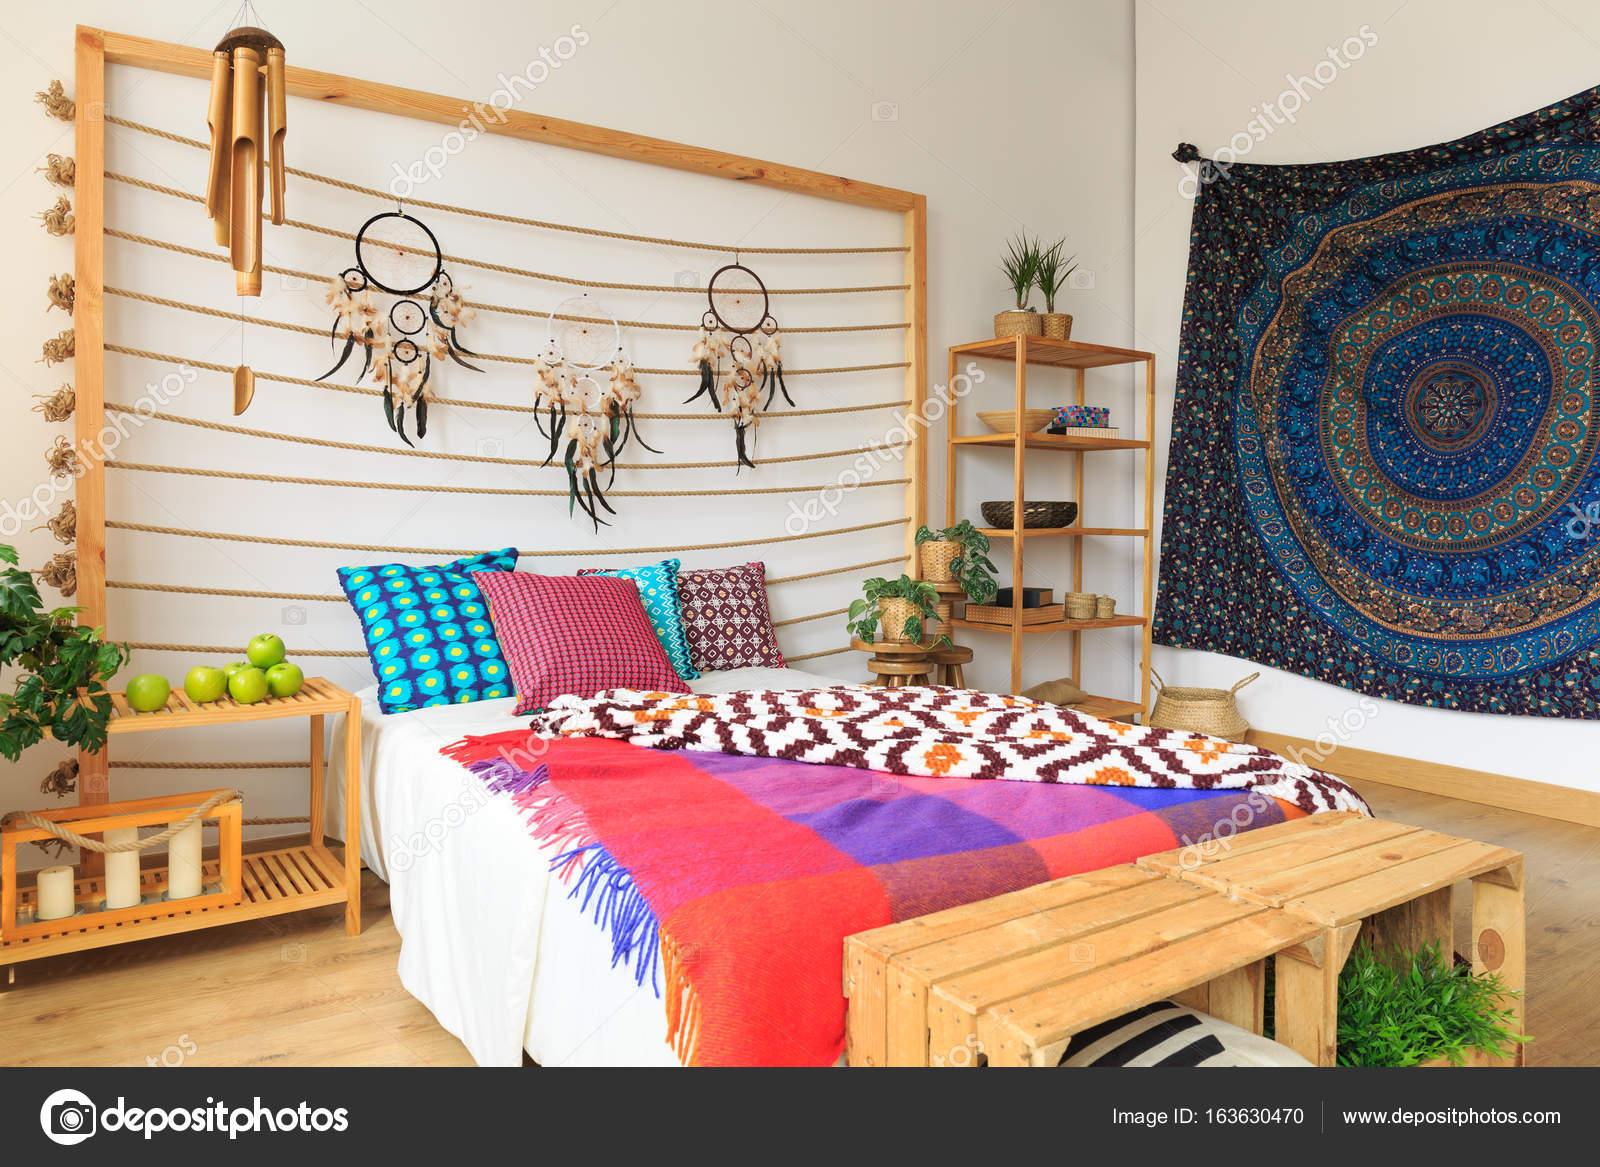 Schlafzimmer Bunt bunte schlafzimmer im ethno-stil — stockfoto © photographee.eu